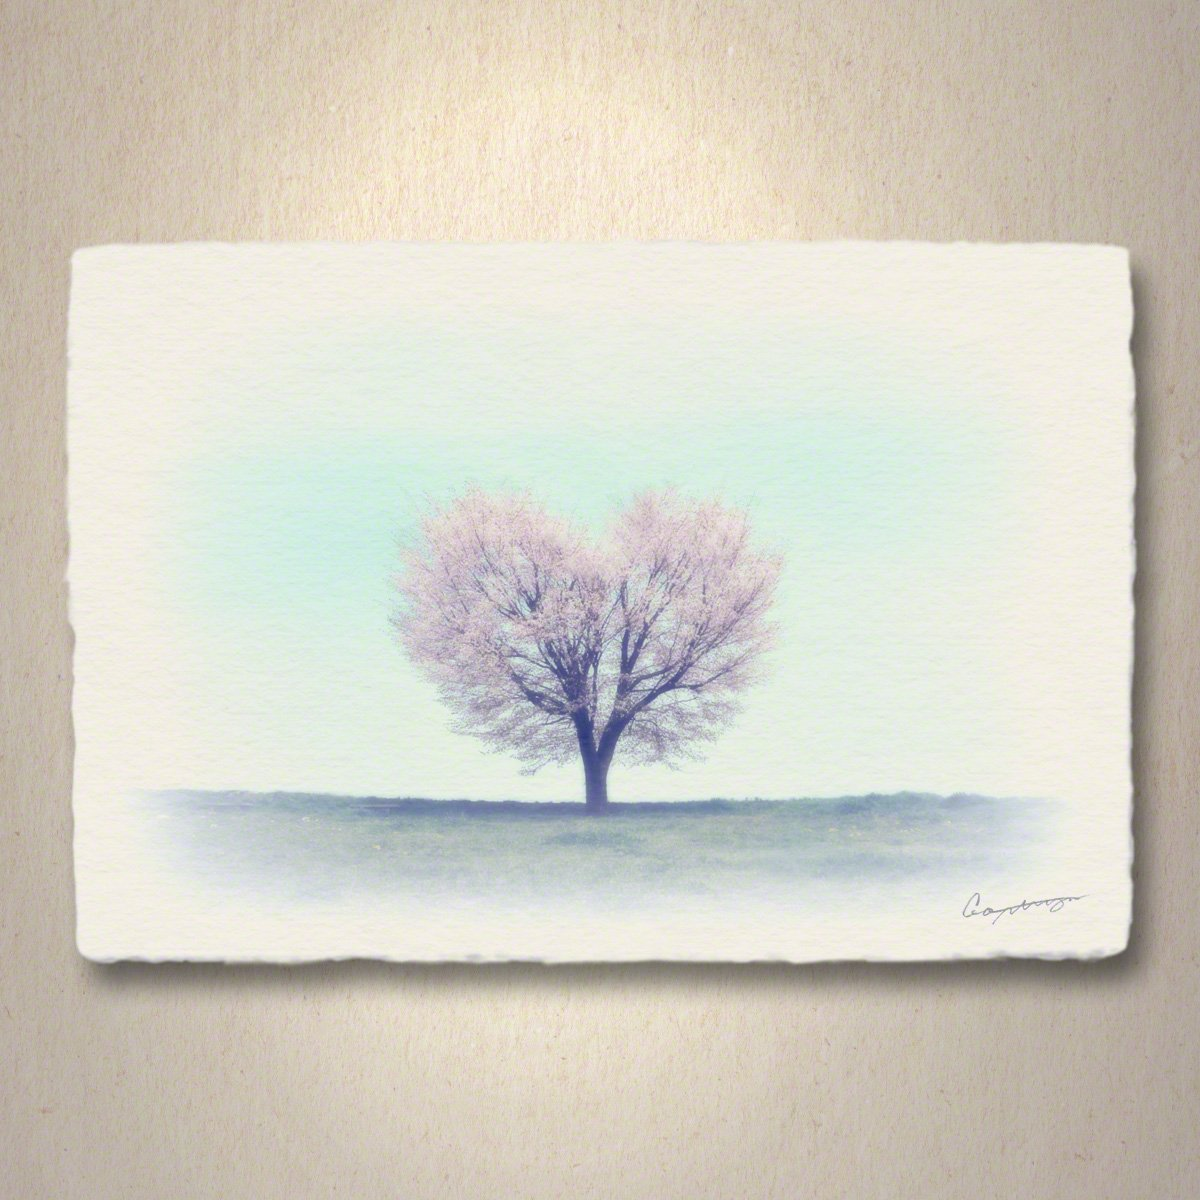 和紙 アートパネル 「丘の上のハートの桜の木」 (81x54cm) 結婚祝い プレゼント 絵 絵画 壁掛け 壁飾り インテリア アート B07DRL4TXX 17.アートパネル(長辺81cm) 88000円|丘の上のハートの桜の木 丘の上のハートの桜の木 17.アートパネル(長辺81cm) 88000円